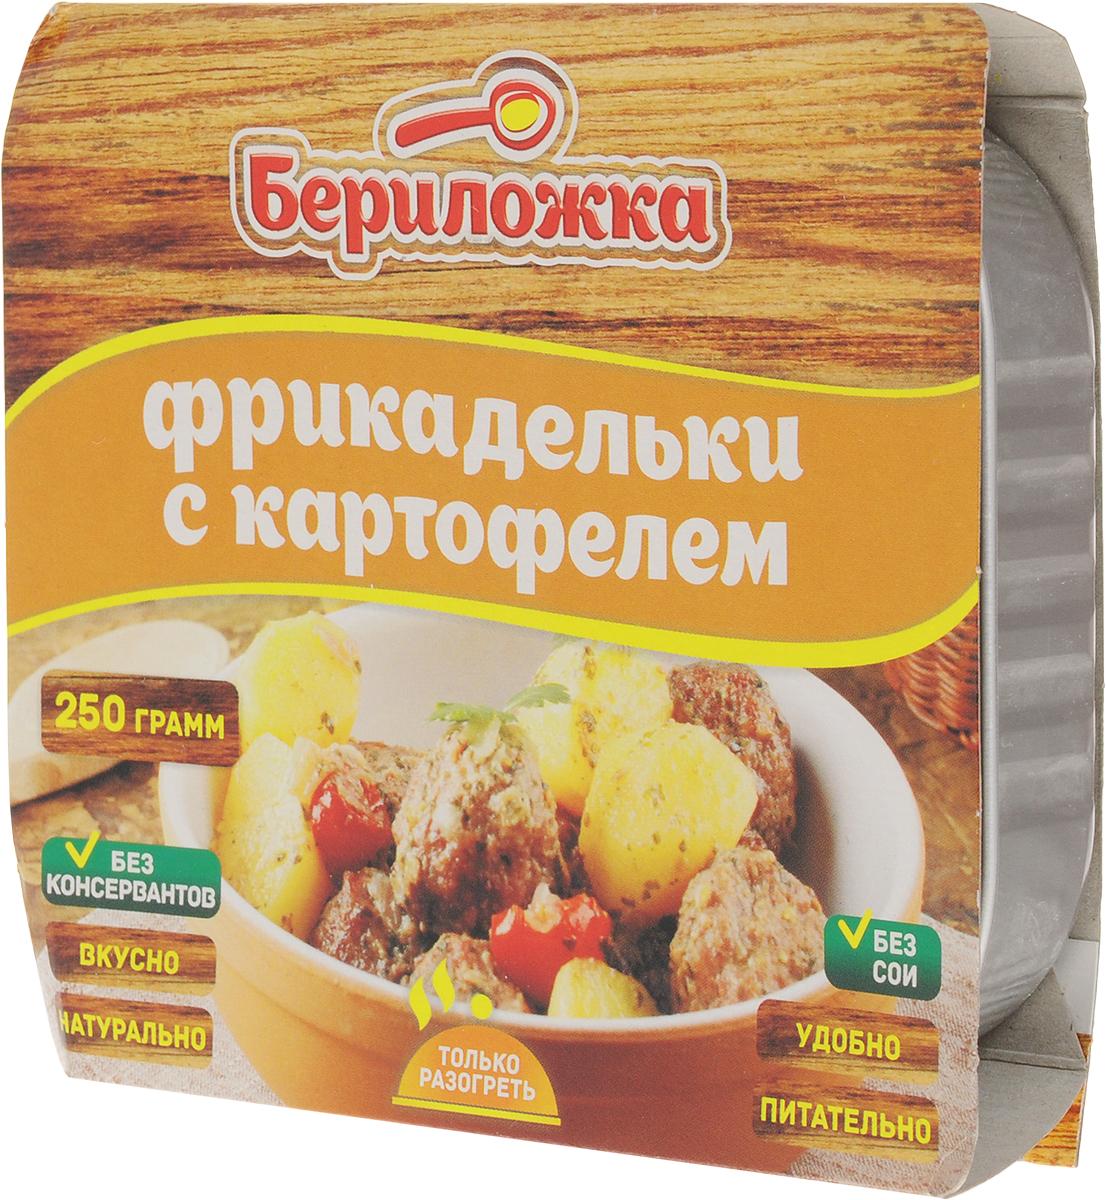 Бериложка фрикадельки с картофелем, 250 г бериложка биточки в грибном соусе 250 г